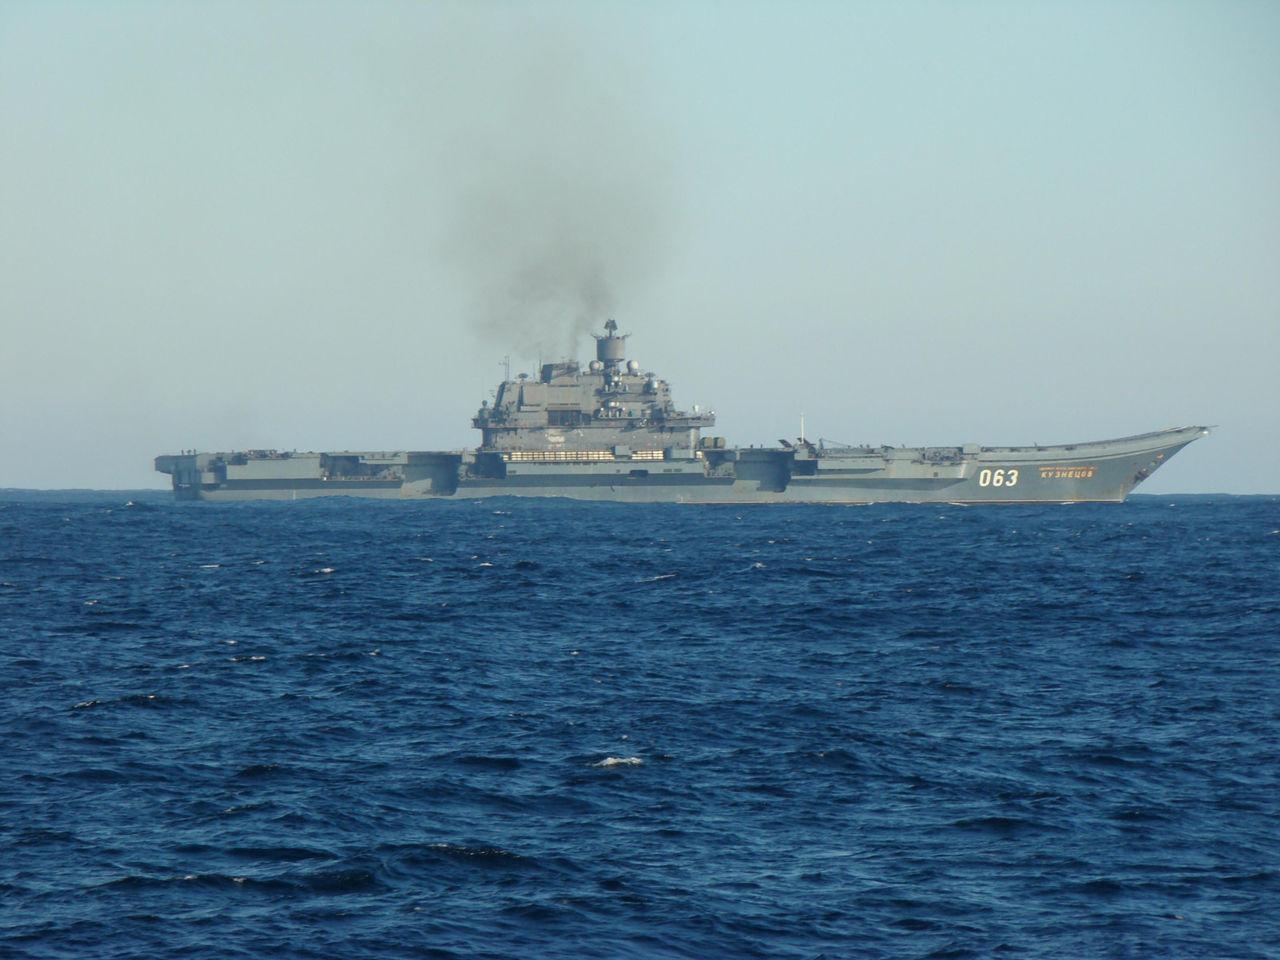 気になりますちゃんねる巡洋艦のほうが戦艦よりカッコイイと思うのだがコメント